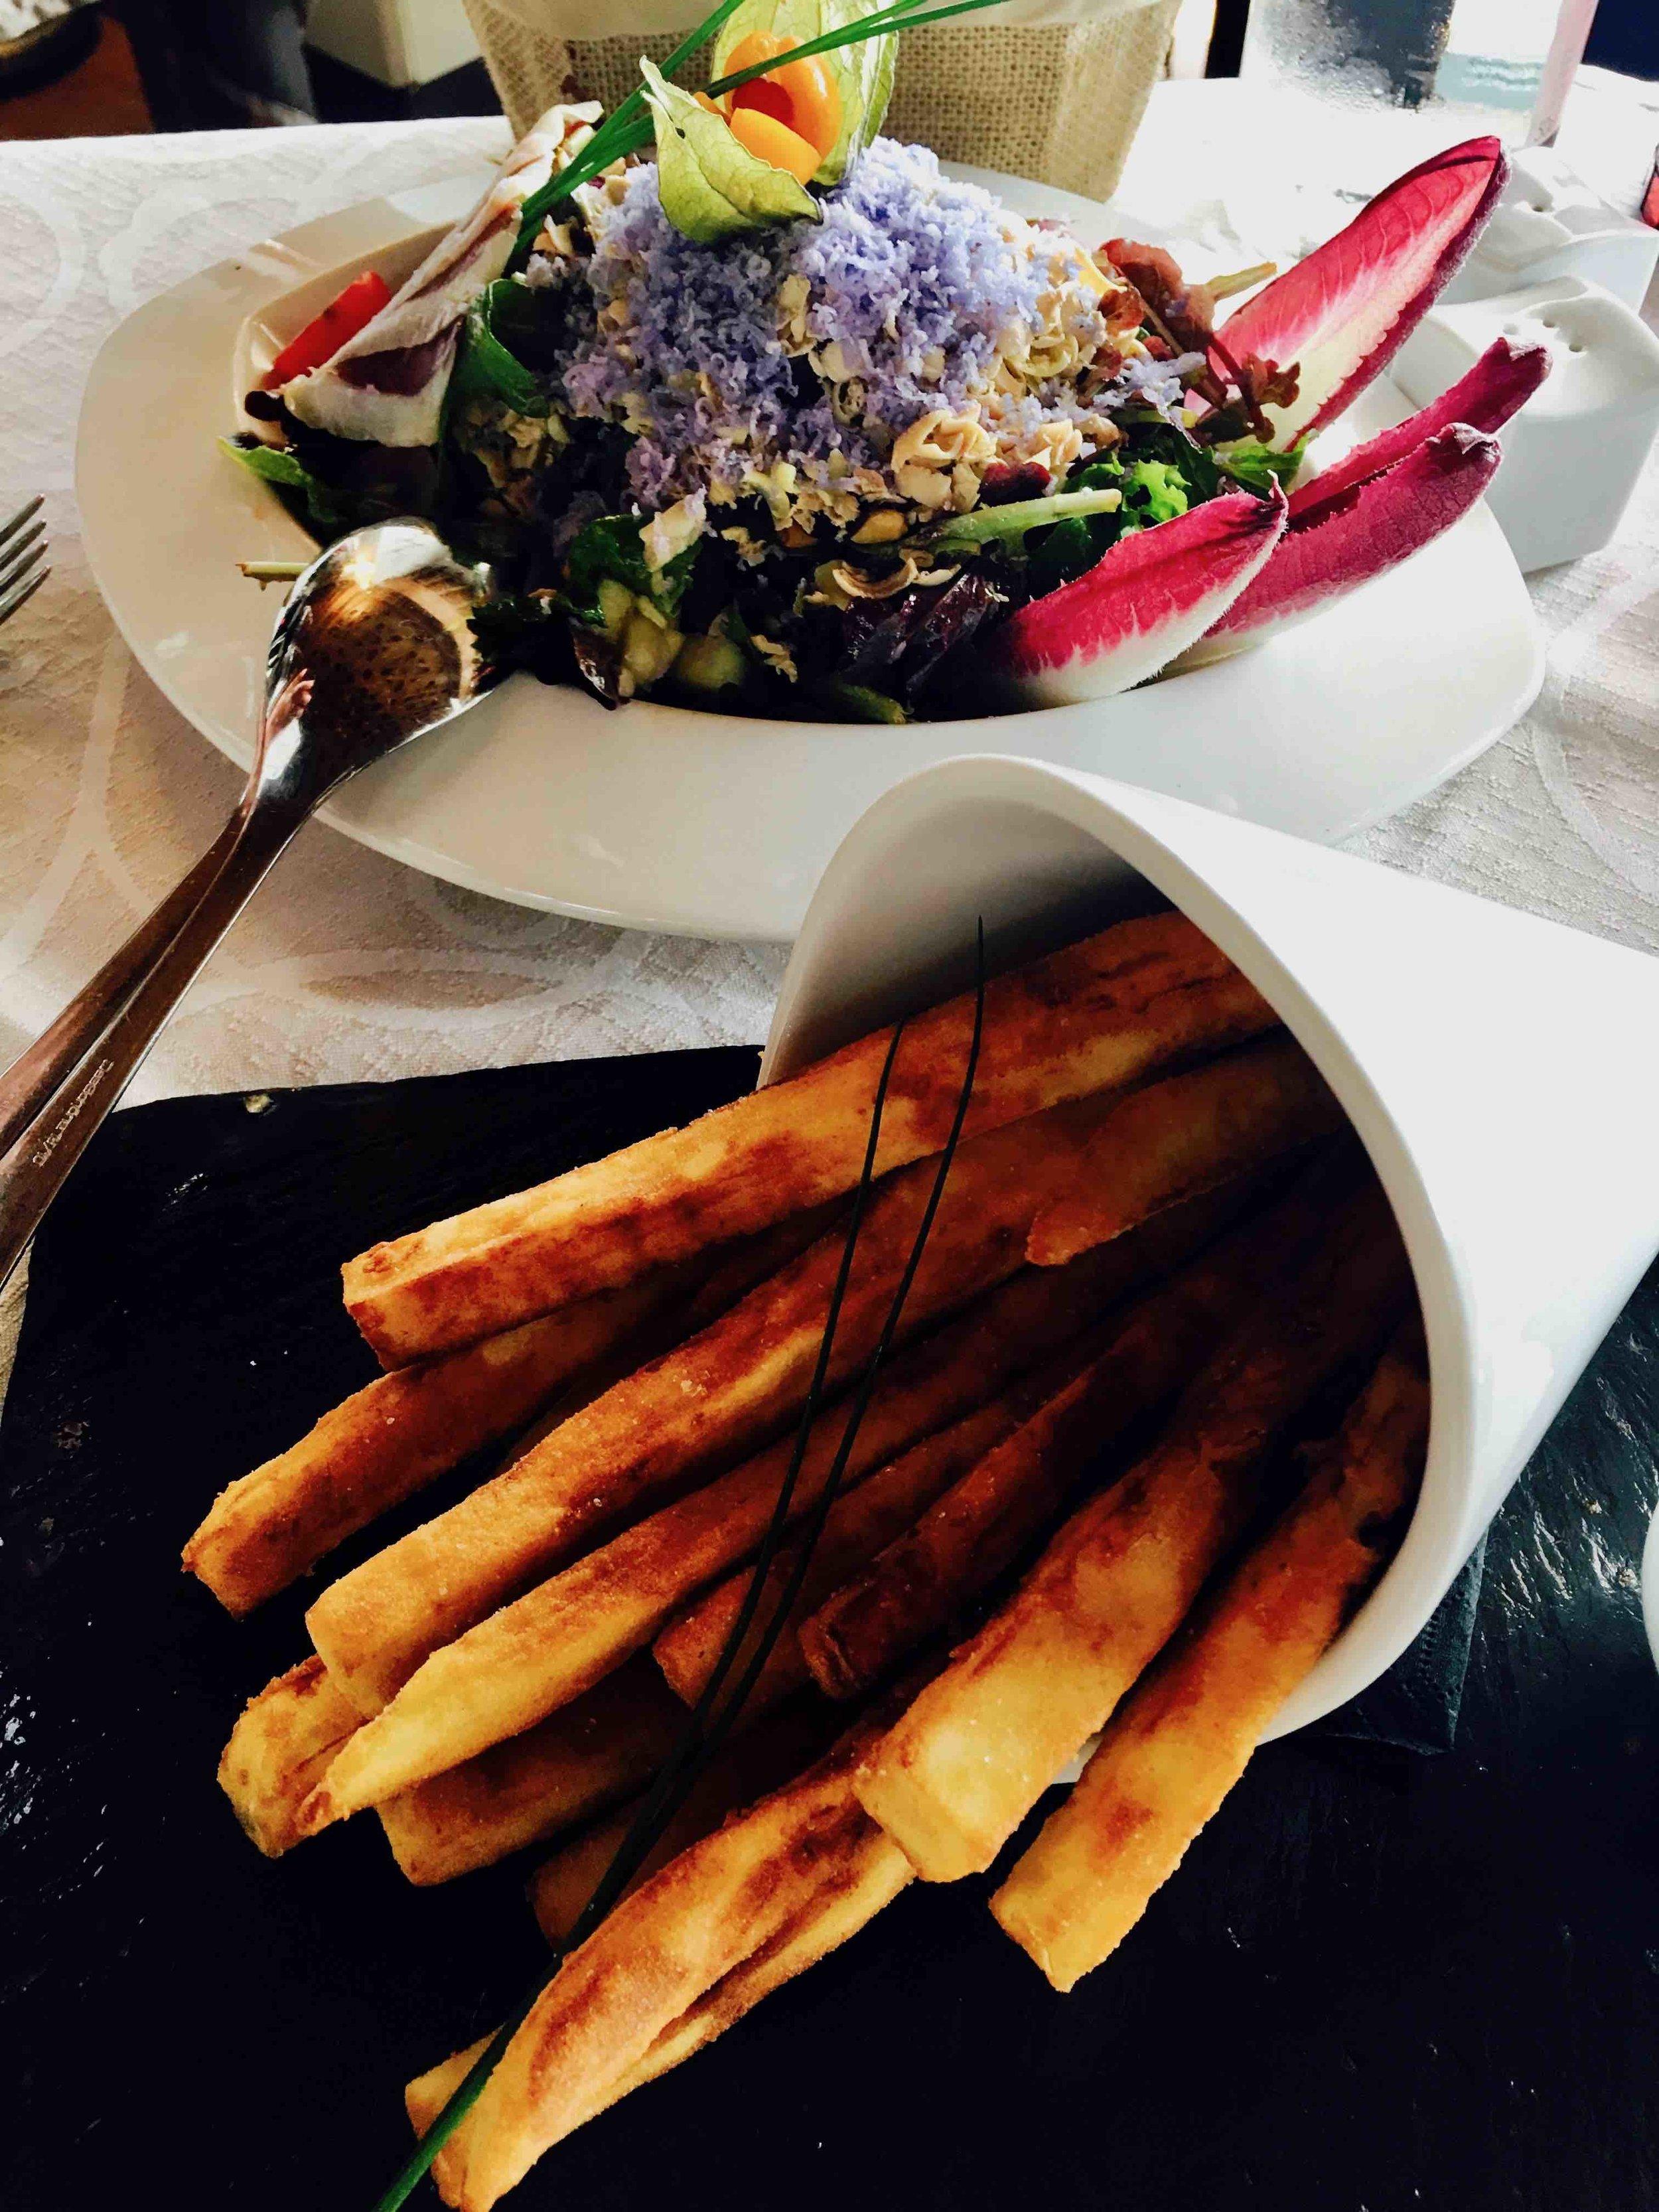 Delicious lunch at Estrellas